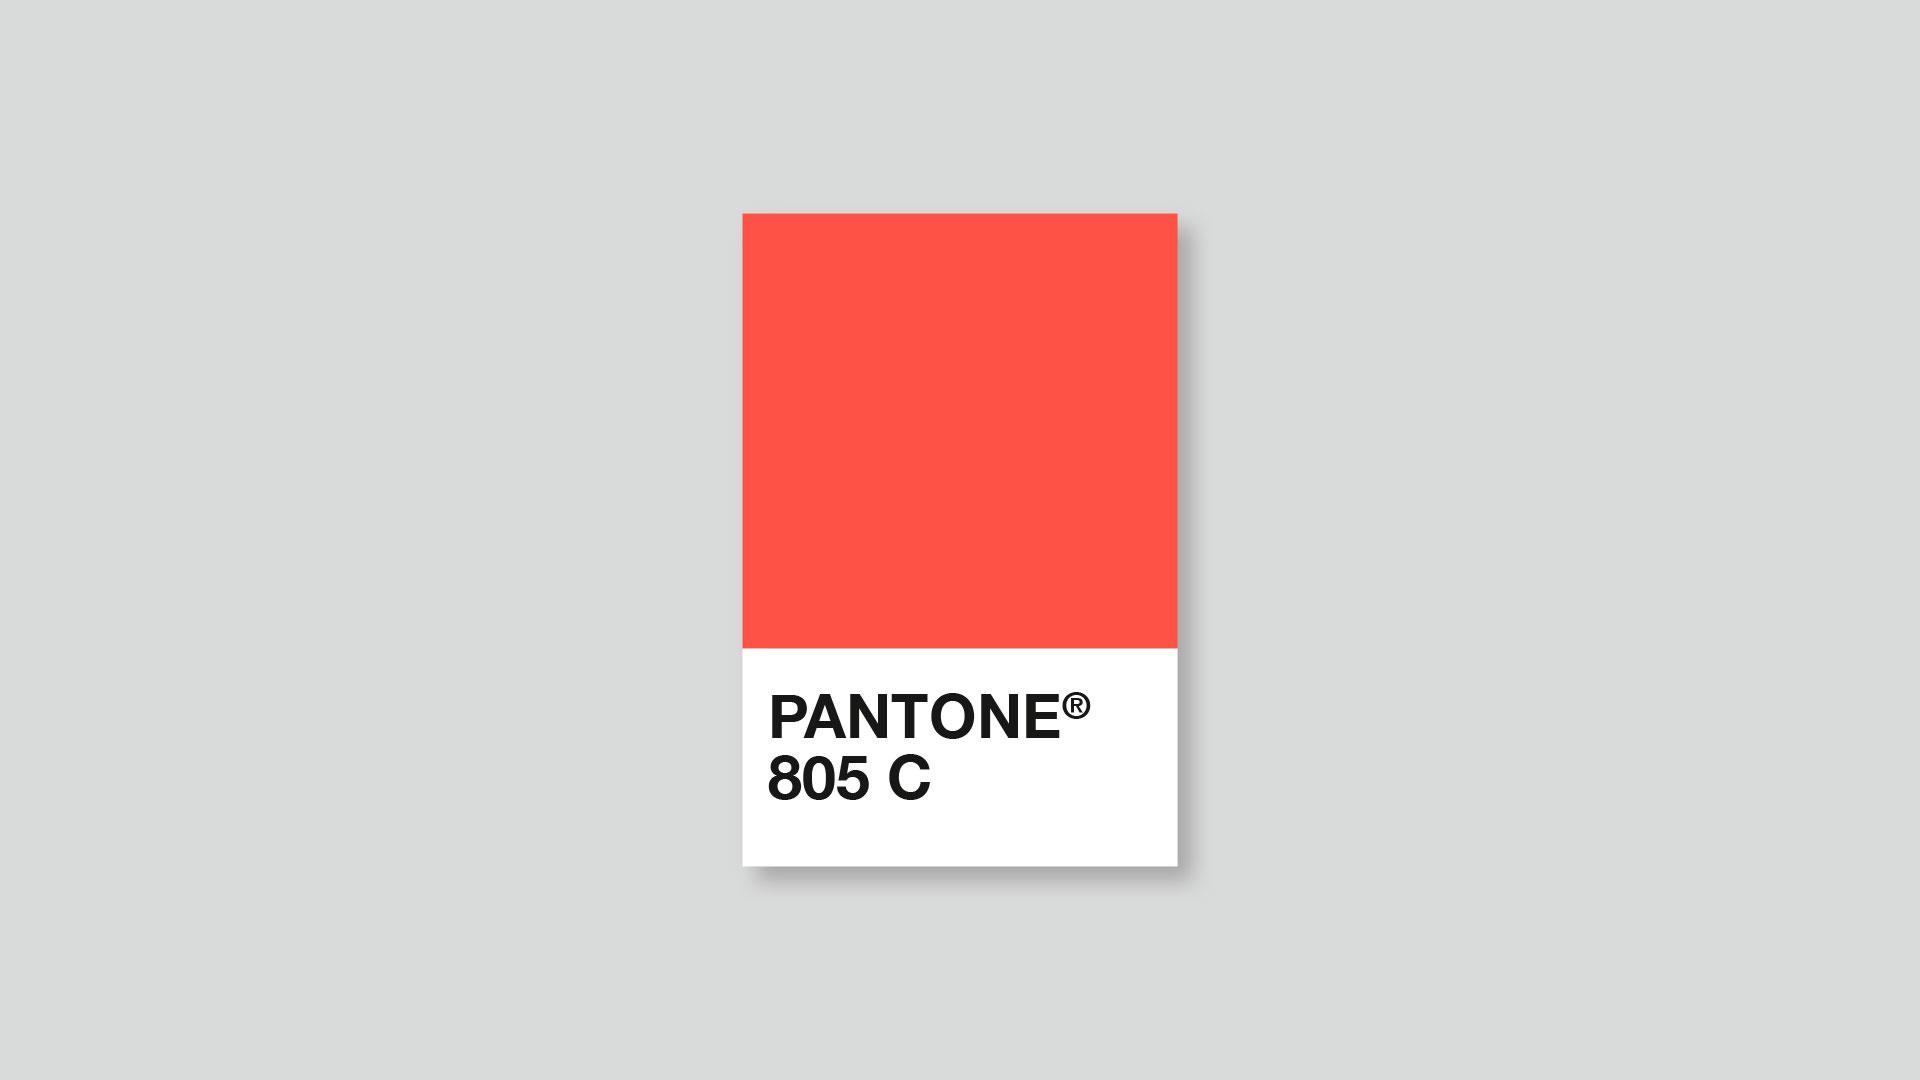 Pantone 805 C